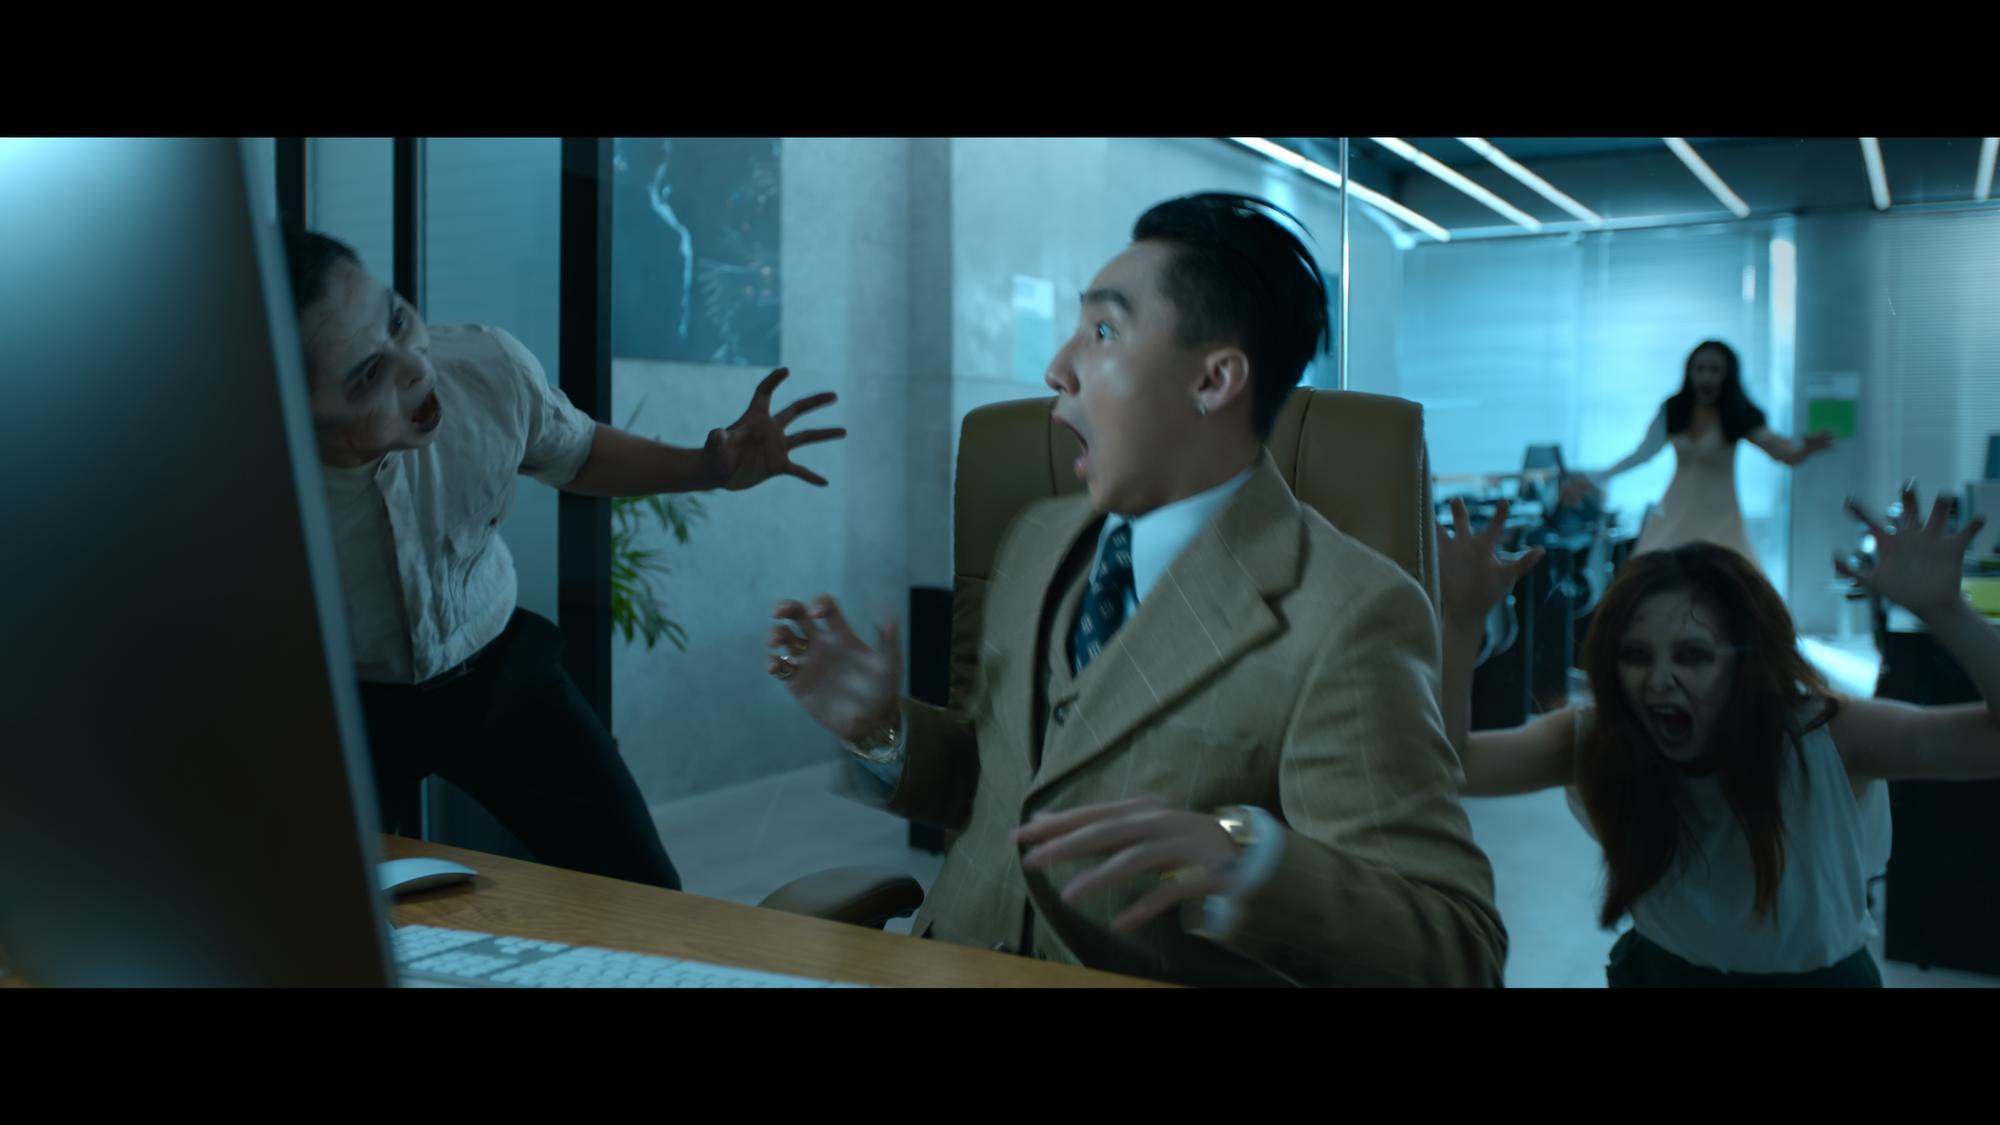 """Sơn Tùng M-TP mang hình ảnh """"Chủ tịch"""" xuất hiện trong đoạn video bí ẩn - Ảnh 3."""